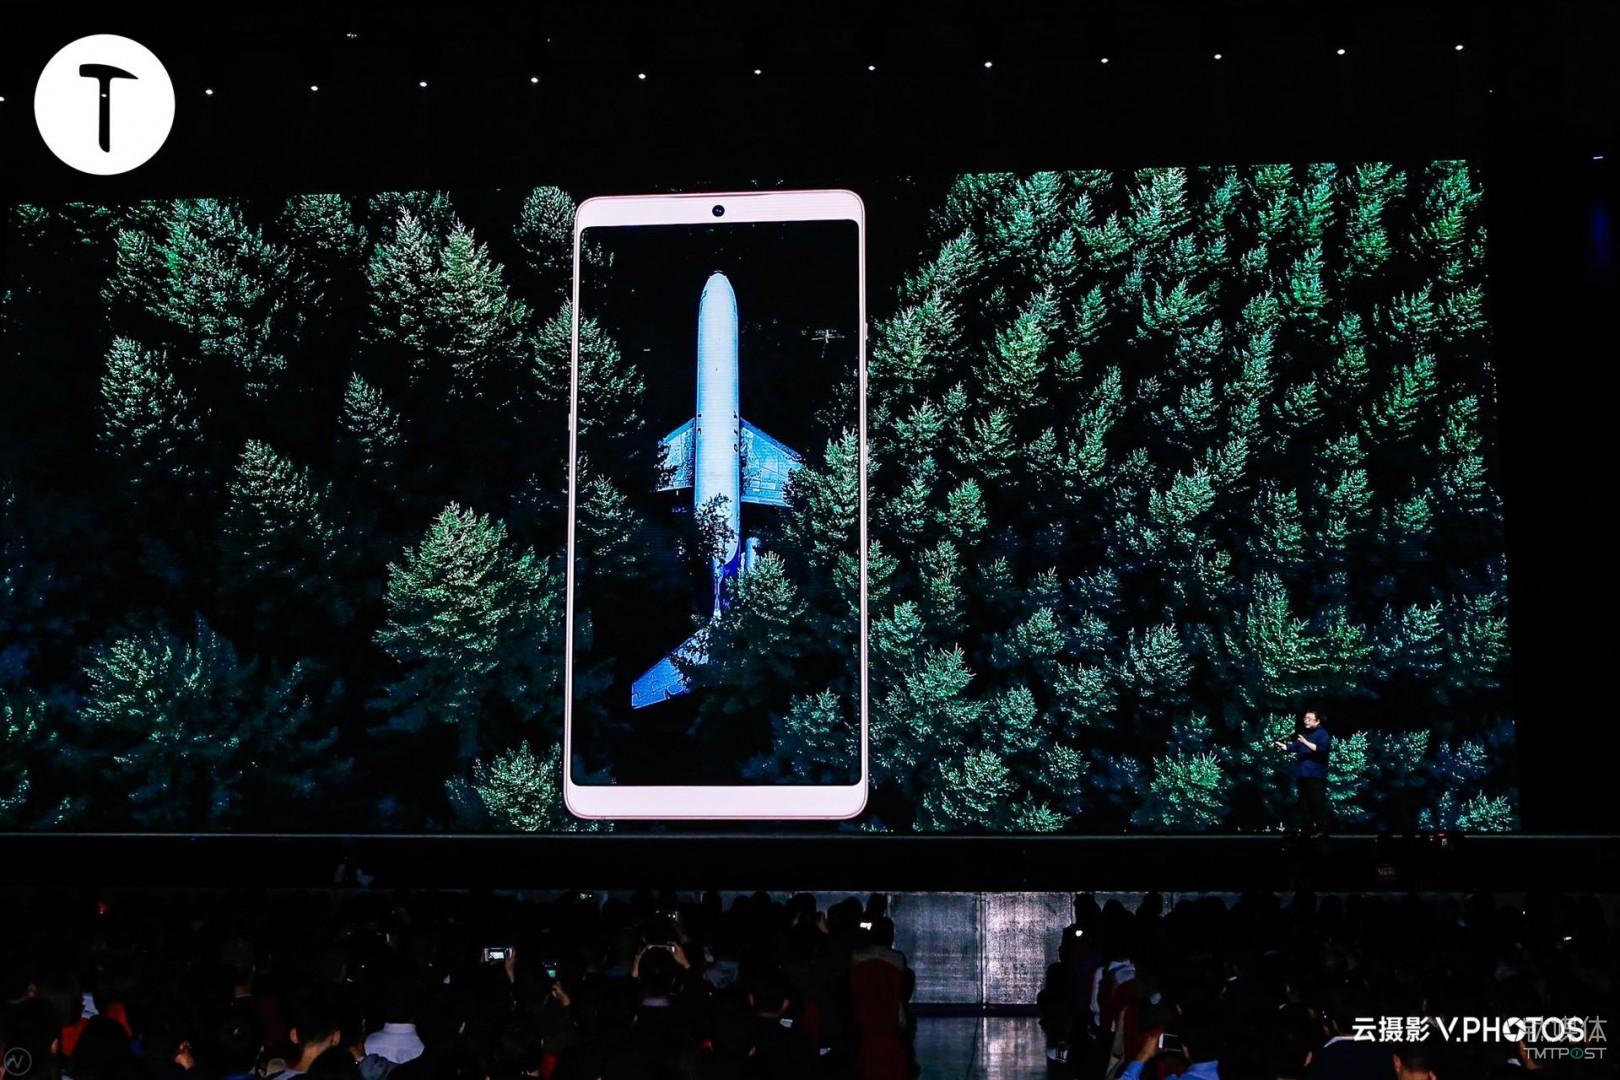 他在发布会后接受媒体采访时向记者介绍道,目前行业中有两款手机的屏占比参数超越了坚果Pro 2,一个是努比亚的Z17S,另外一个就是三星的S8,坚果Pro 2屏占比参数则超越了大部分手机厂商。